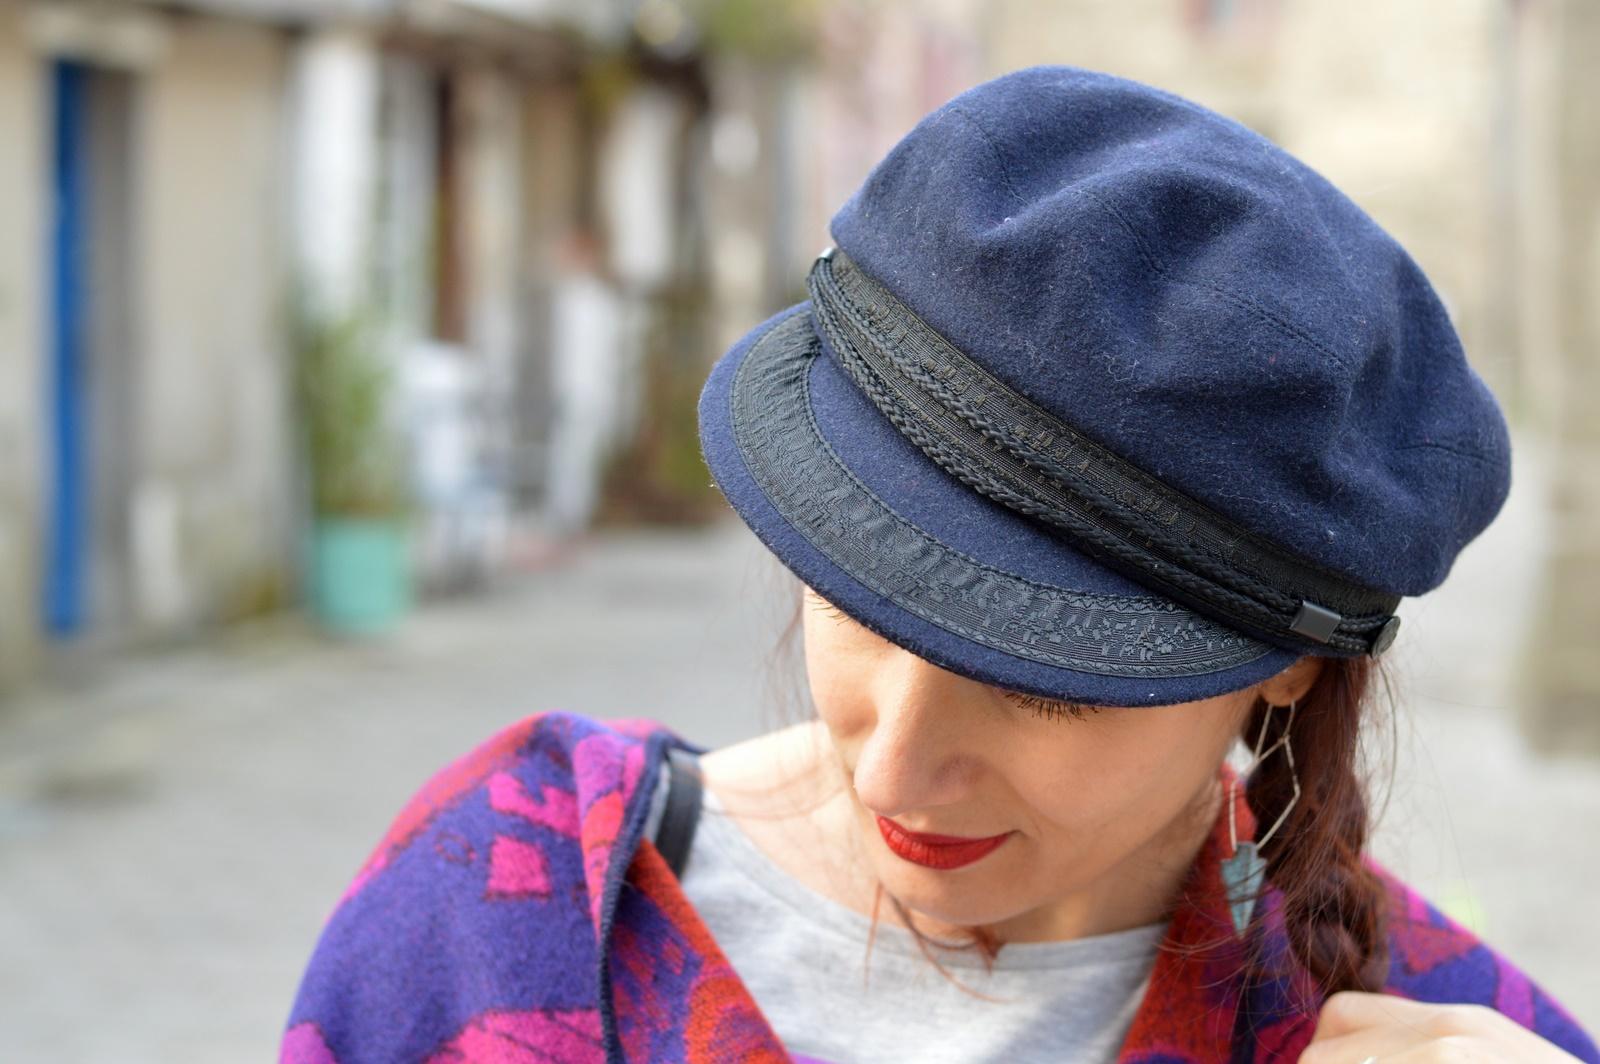 casquette bleue marine